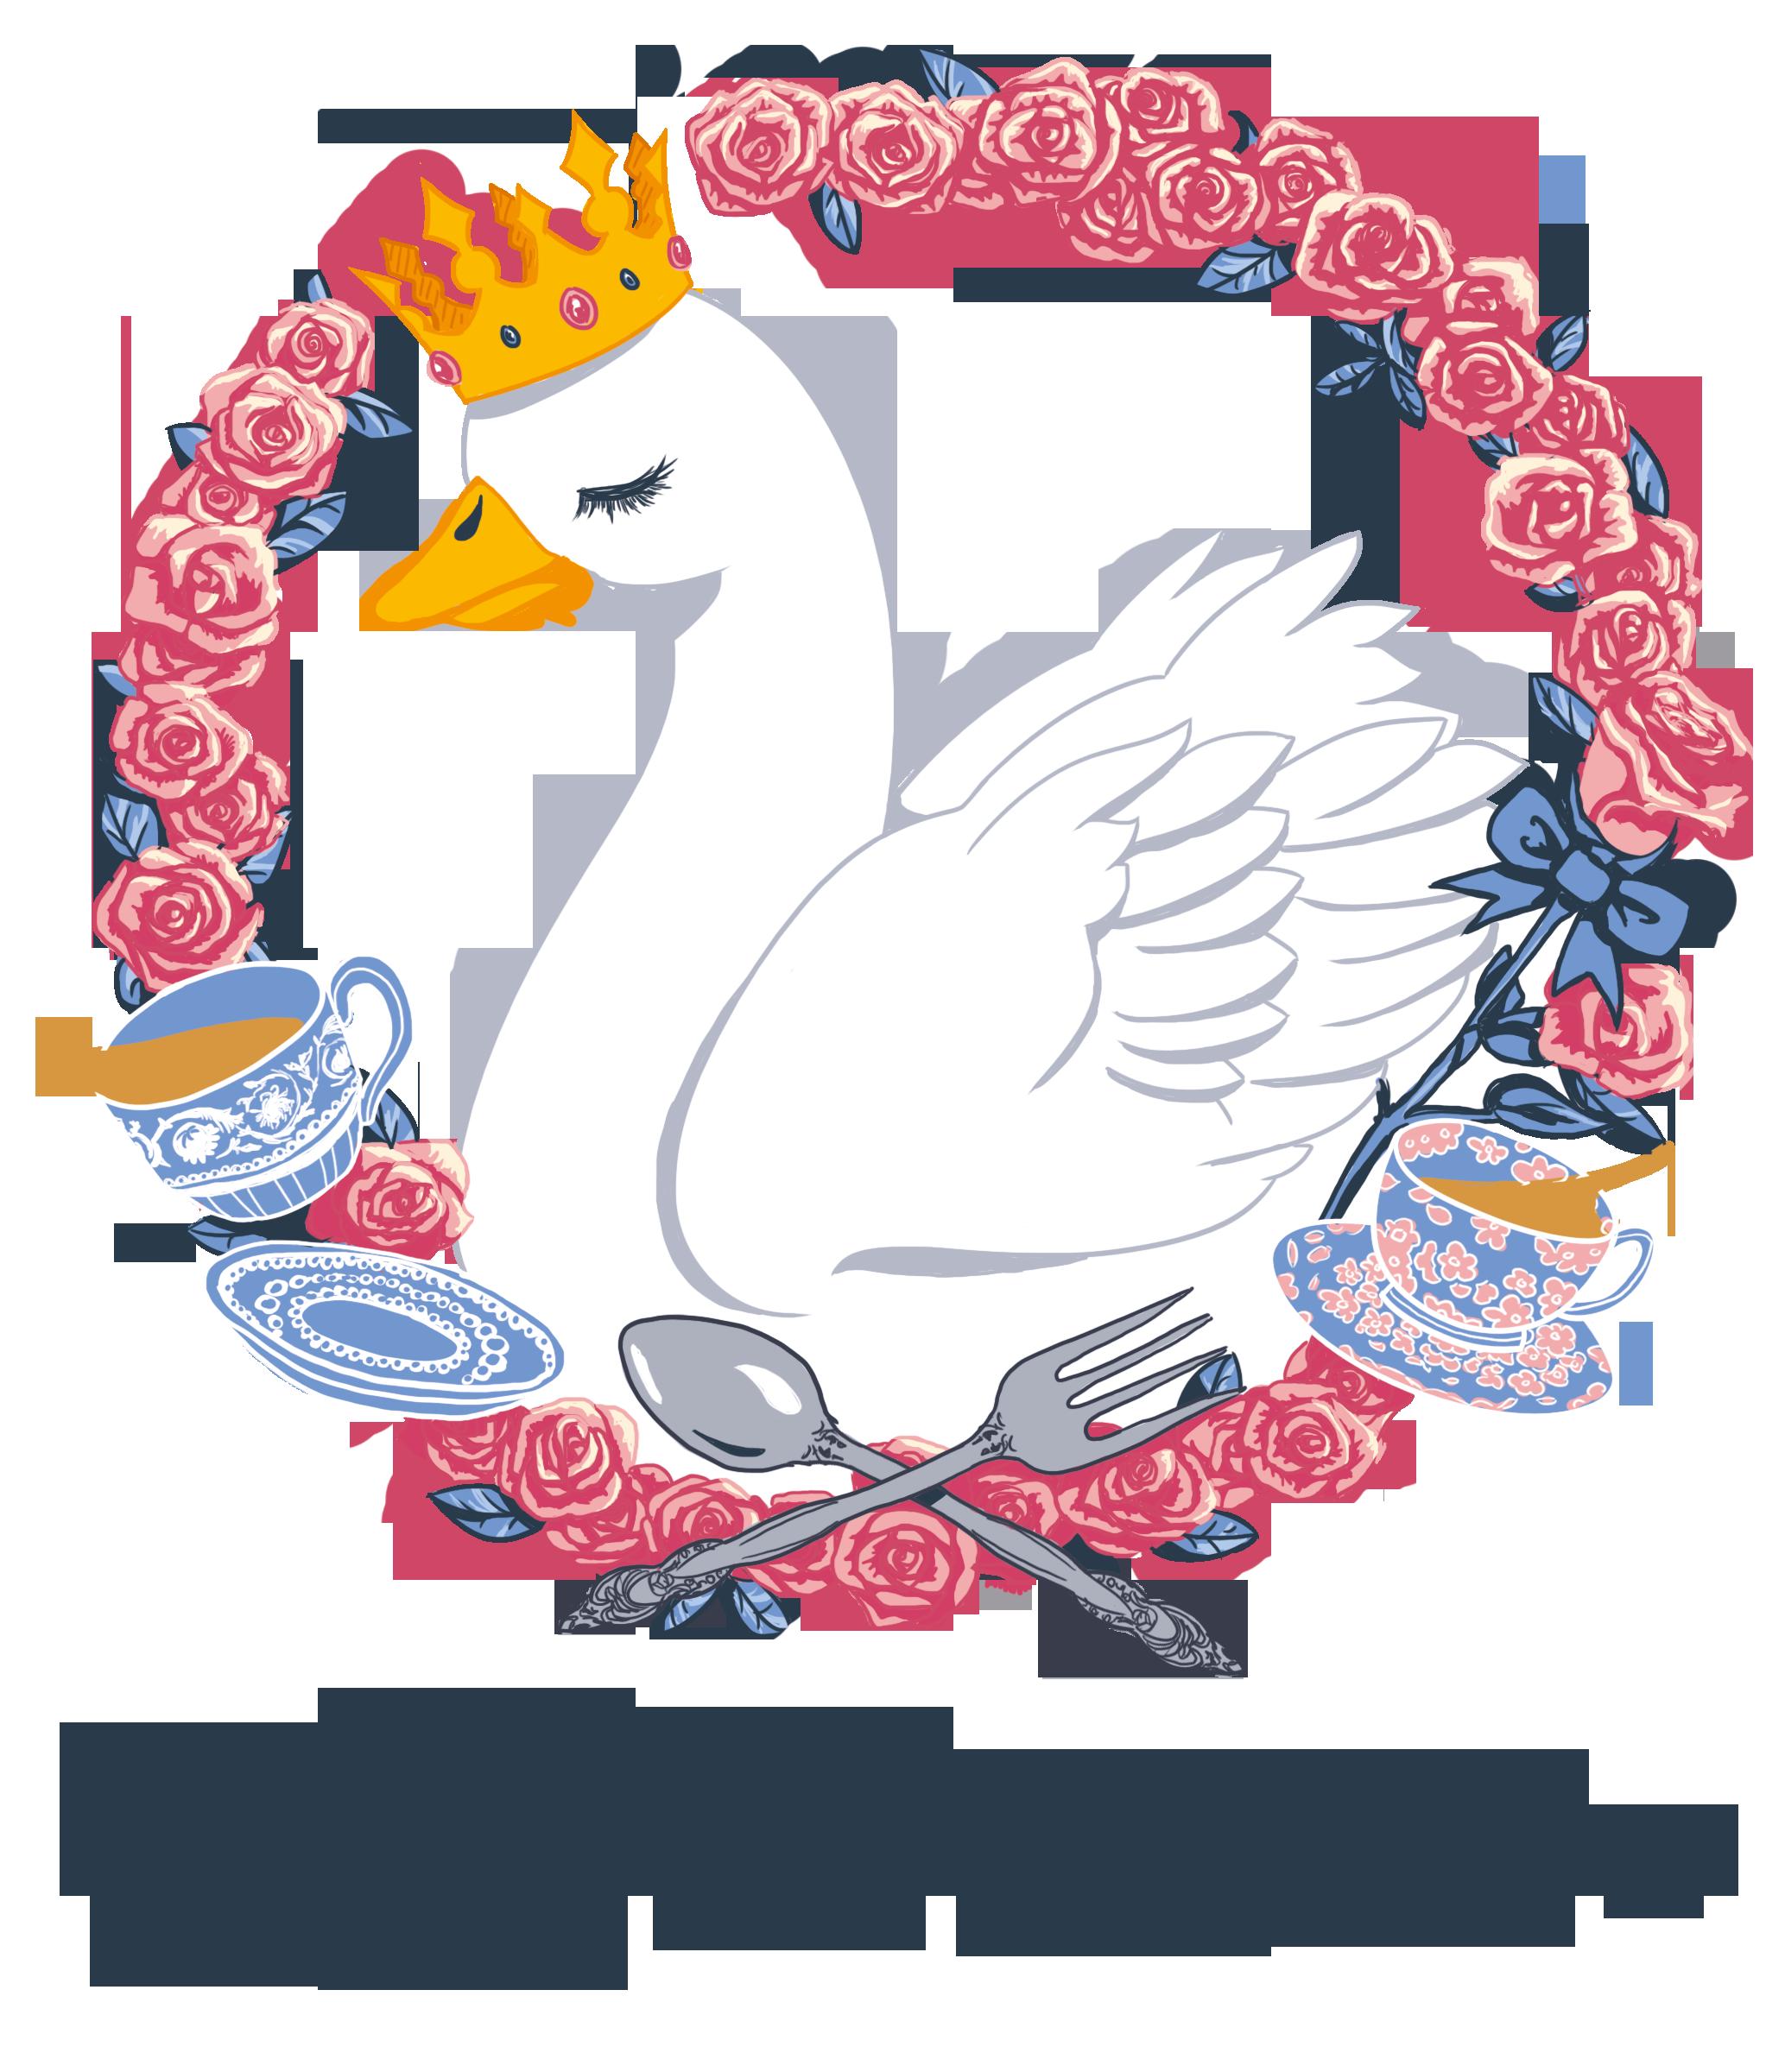 Madillustration